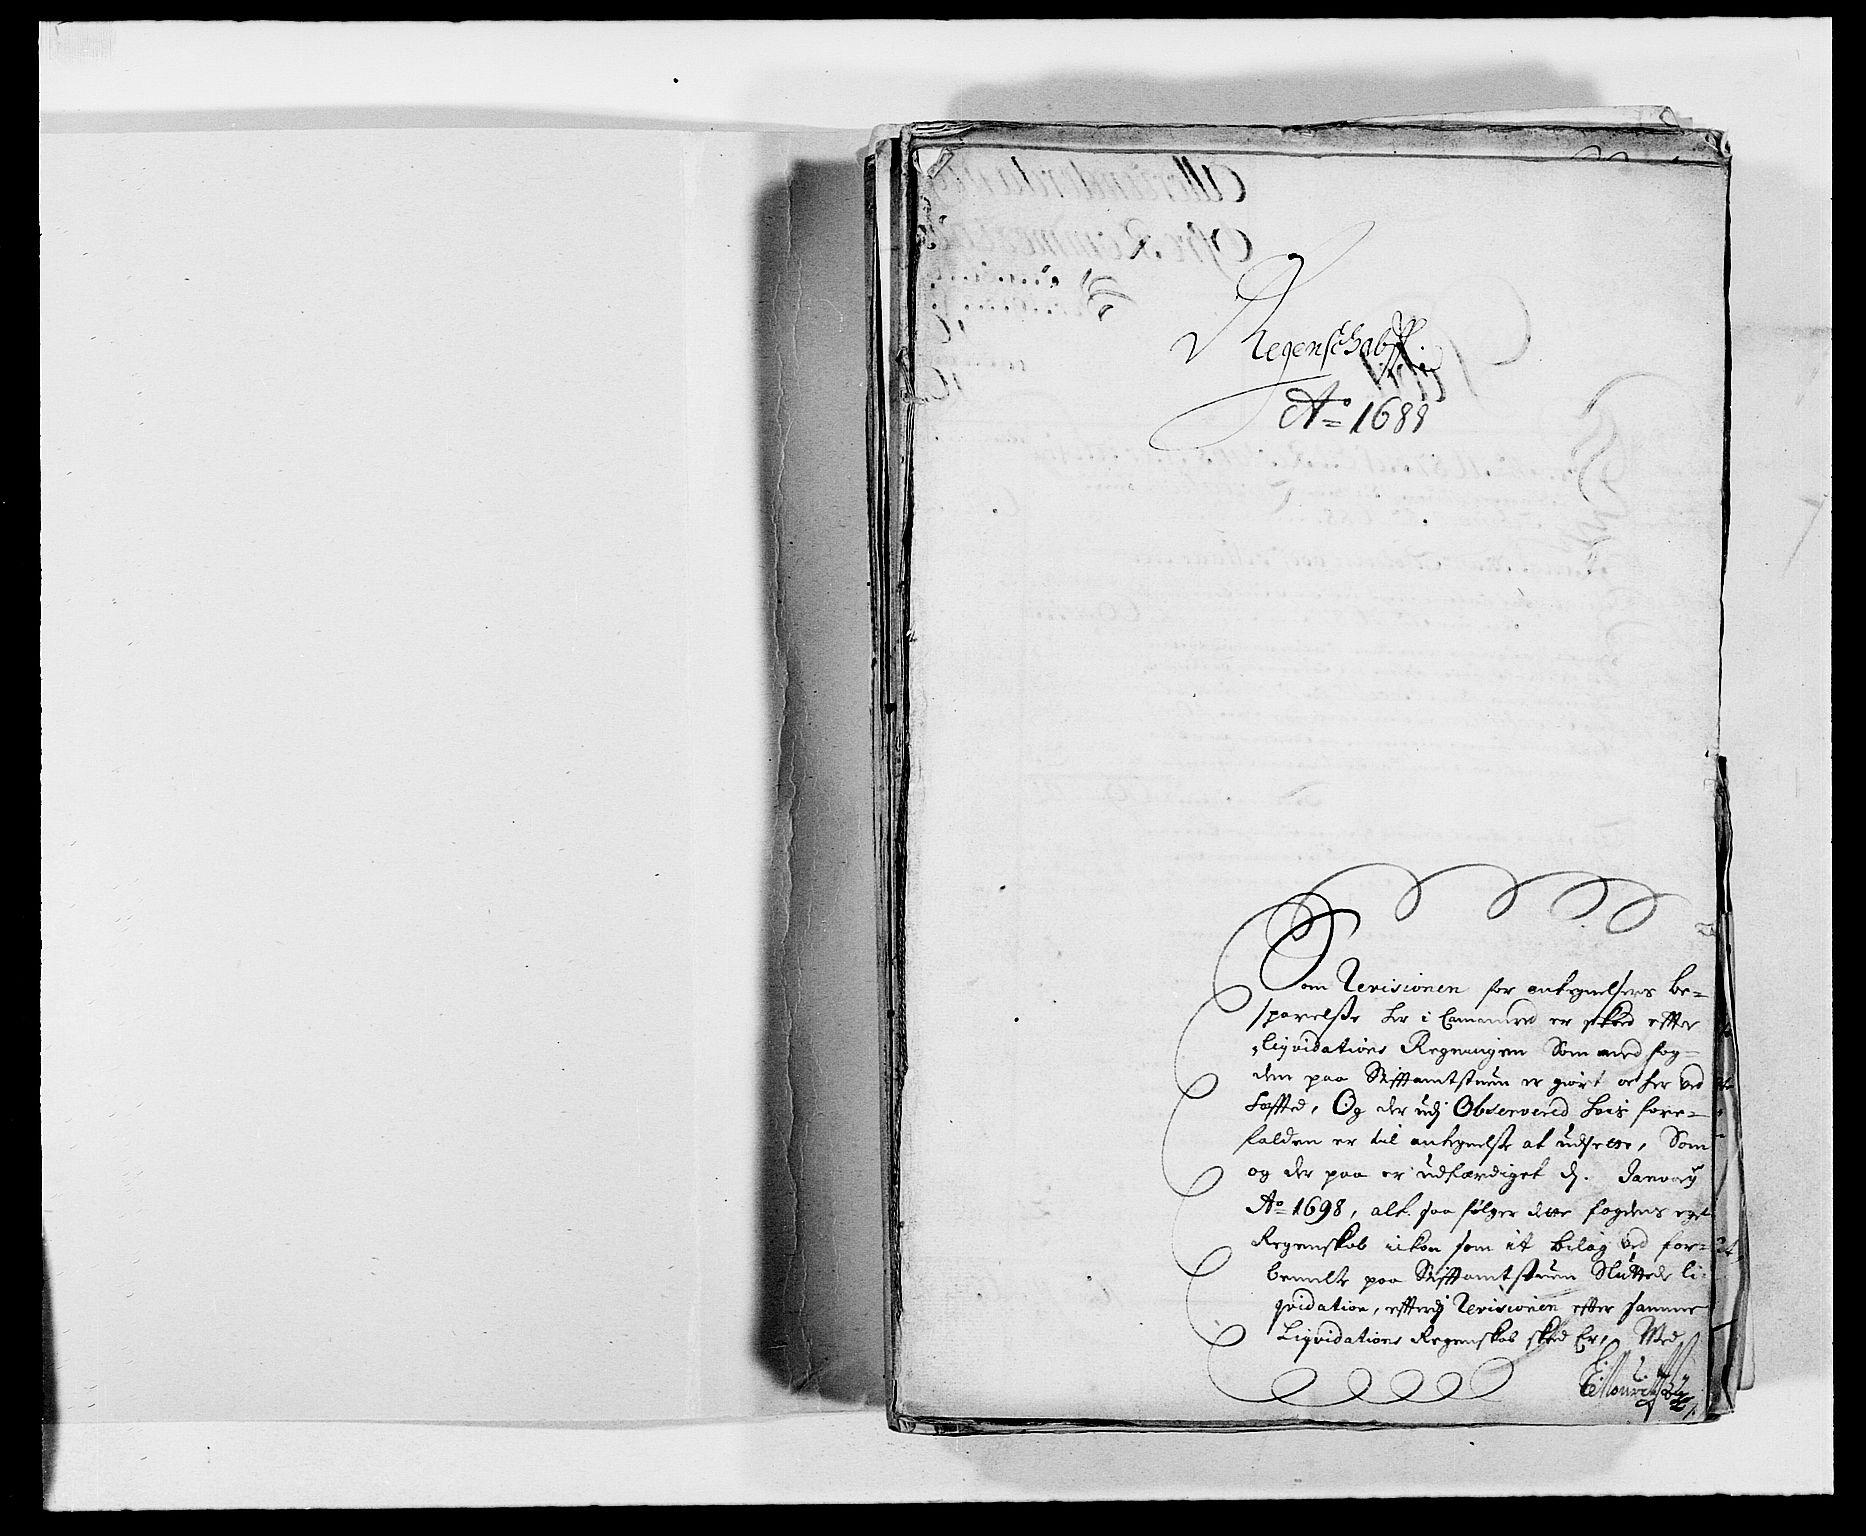 RA, Rentekammeret inntil 1814, Reviderte regnskaper, Fogderegnskap, R12/L0700: Fogderegnskap Øvre Romerike, 1687-1688, s. 235